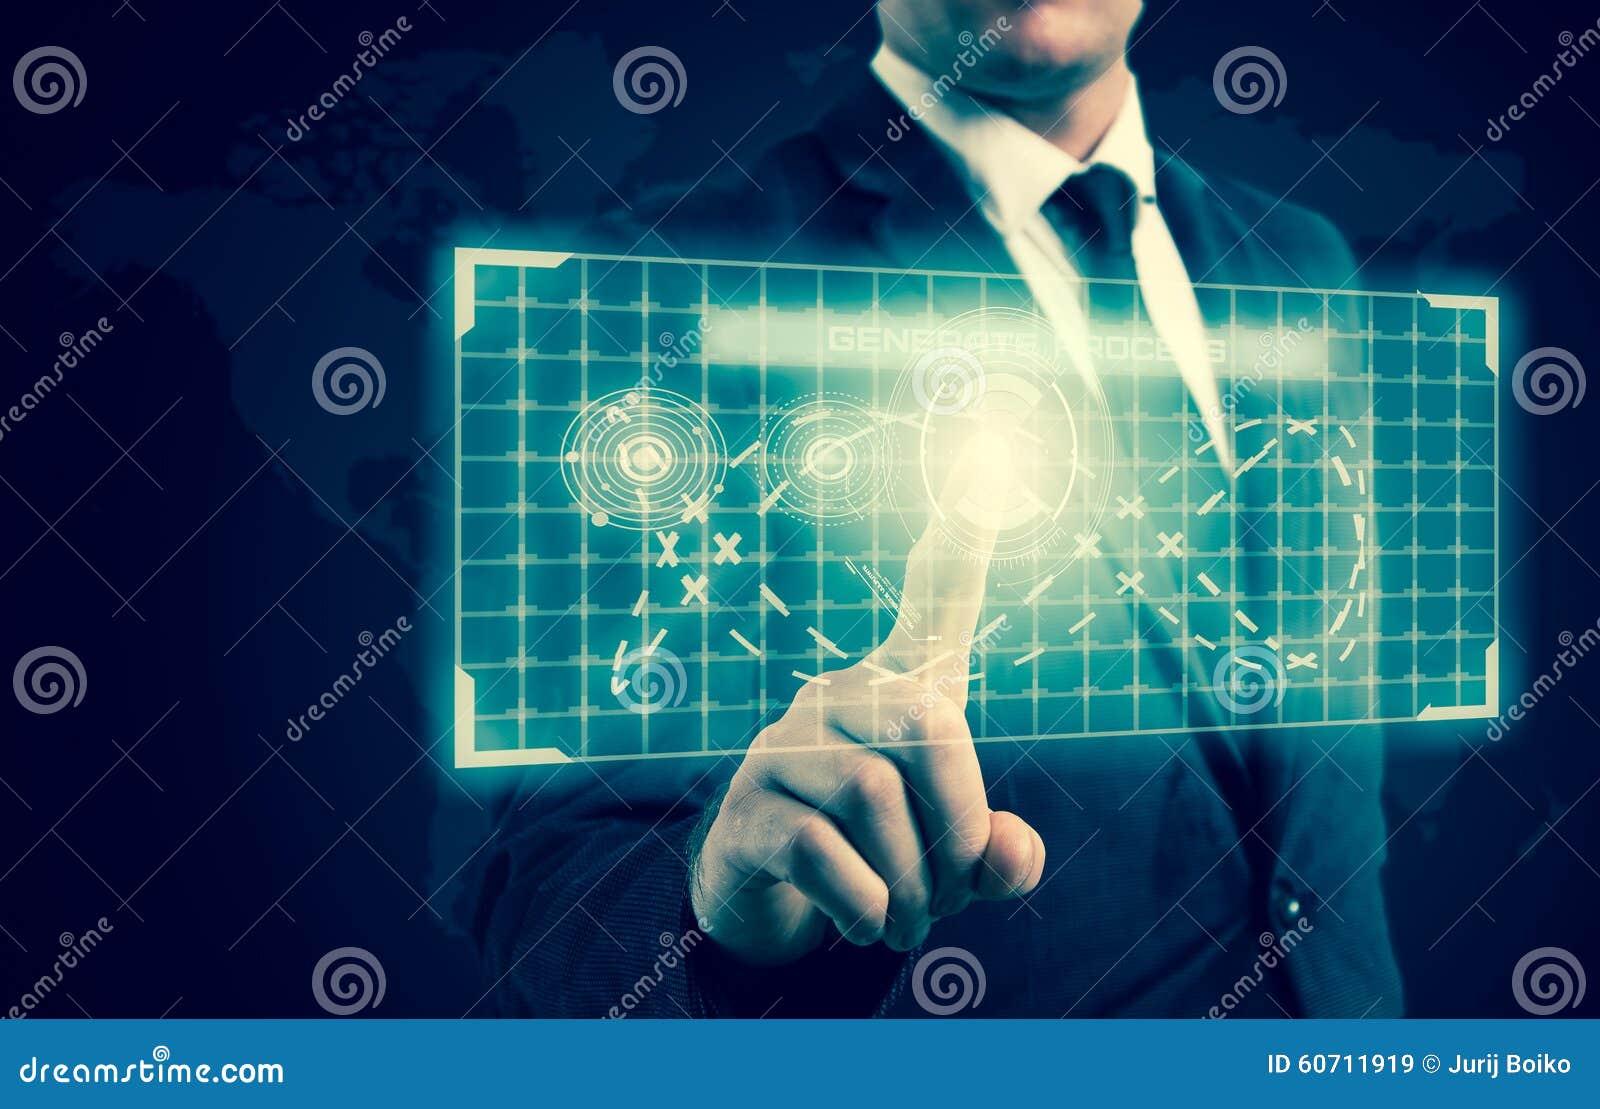 Affärsmannen tryckte på en knapp på den tekniskt avancerade skärmen